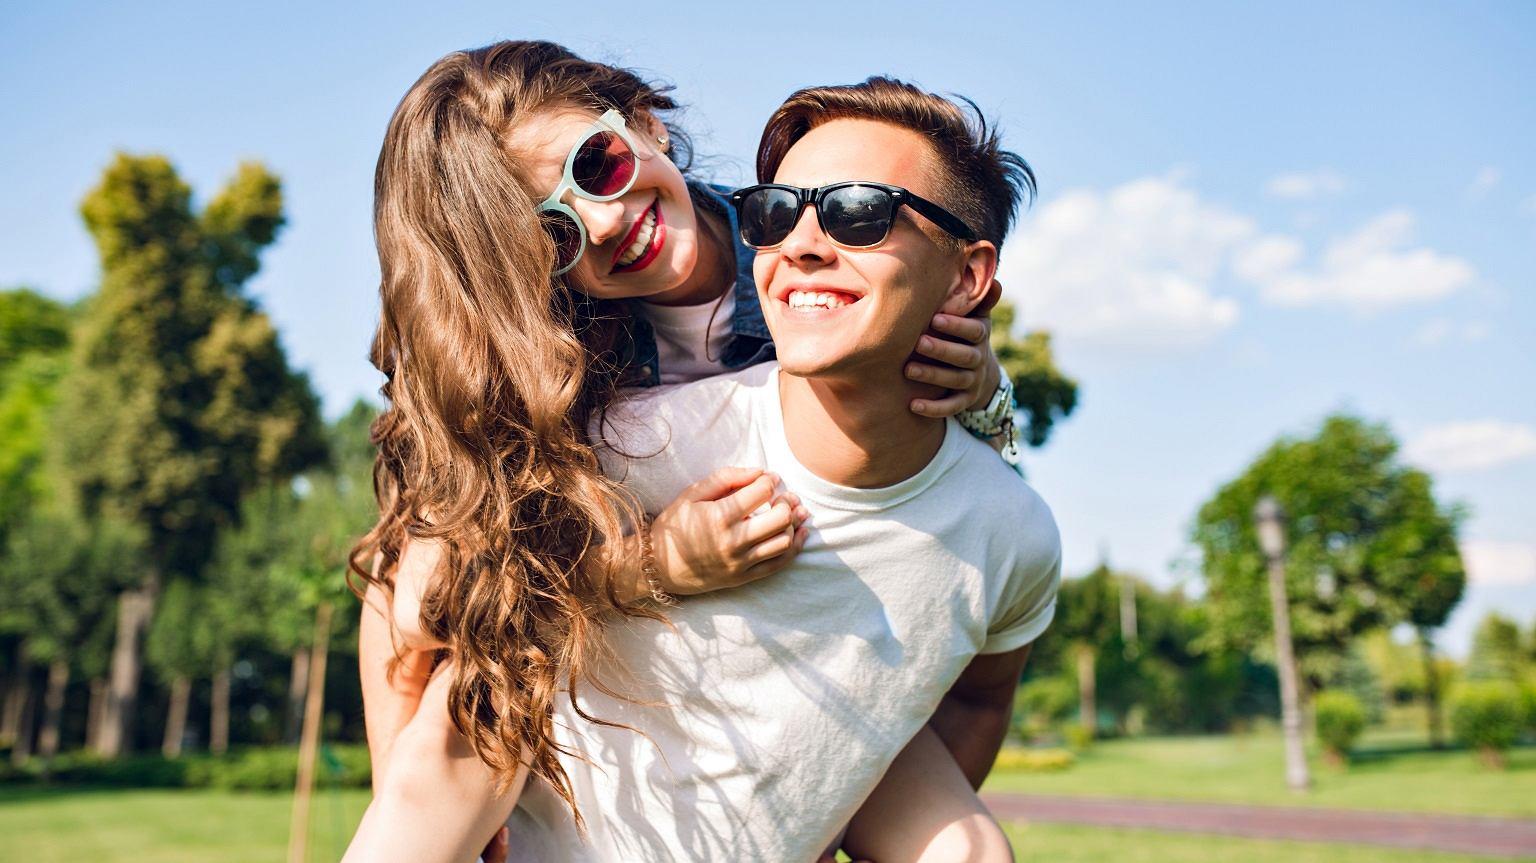 celne randki i małżeństwa w Australii